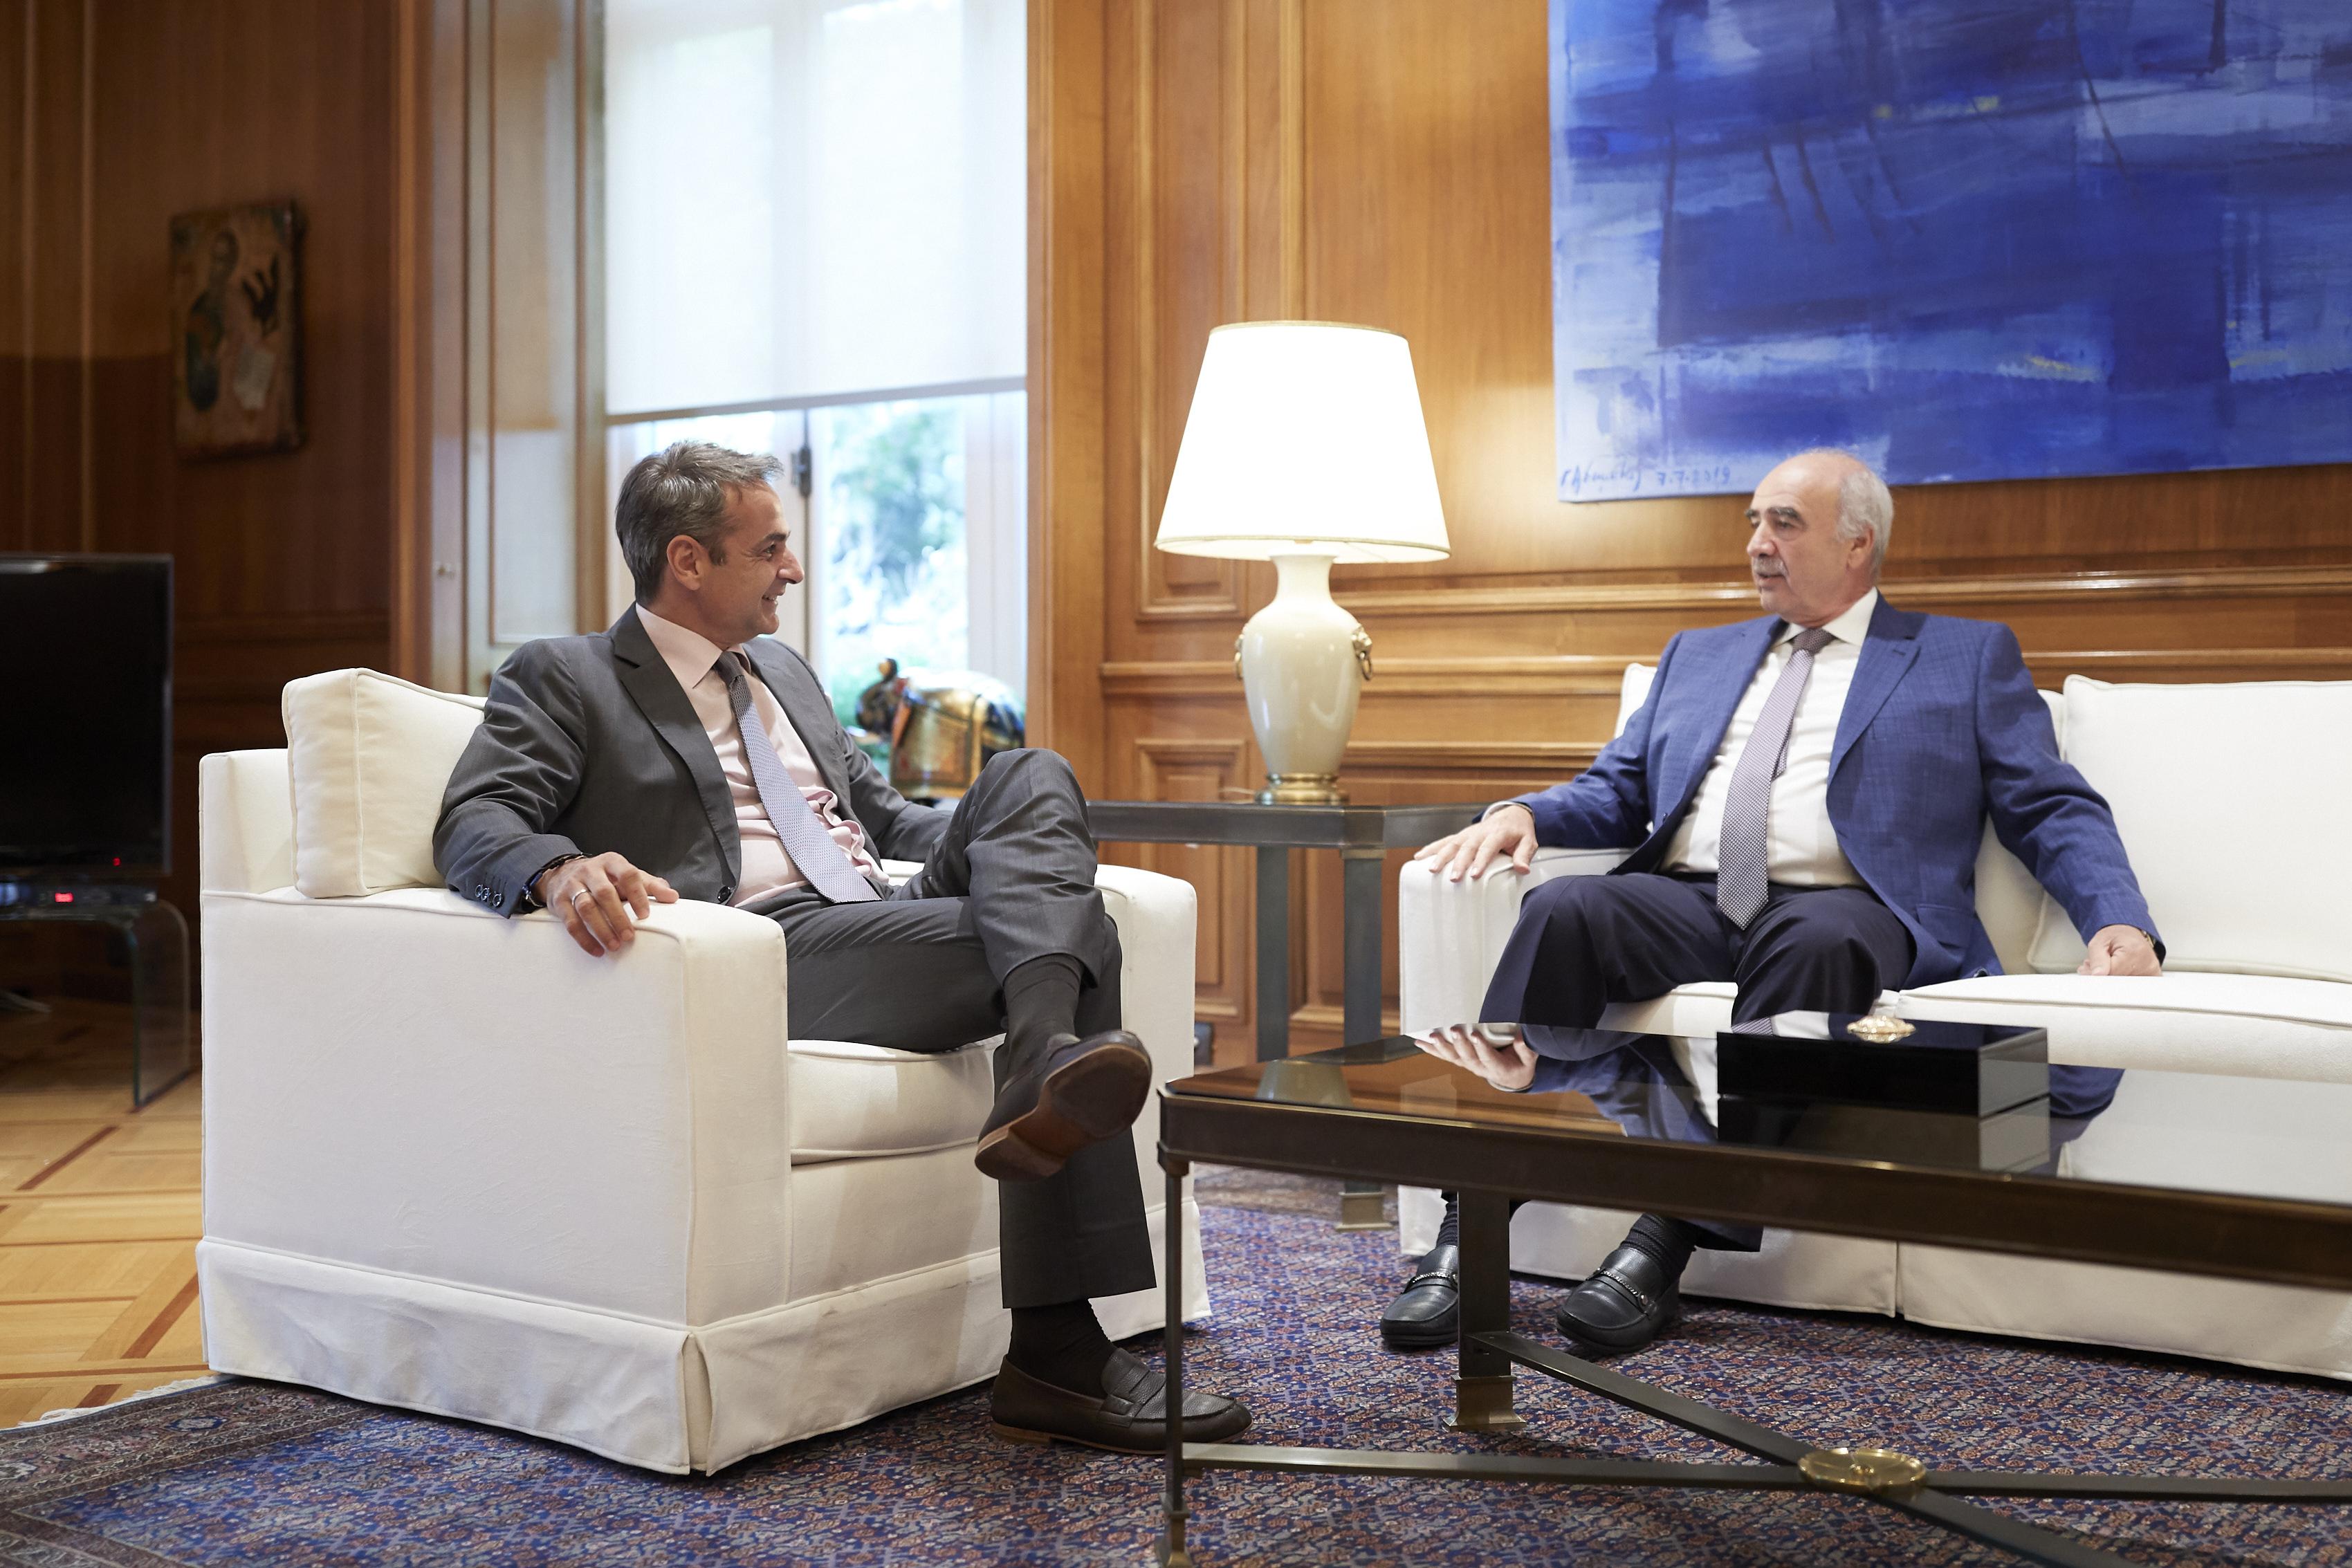 Μεϊμαράκης: Ασαφής ο τίτλος του χαρτοφυλακίου Σχοινά, τον αδικεί - Θα τον αλλάξει η φον ντερ Λάιεν